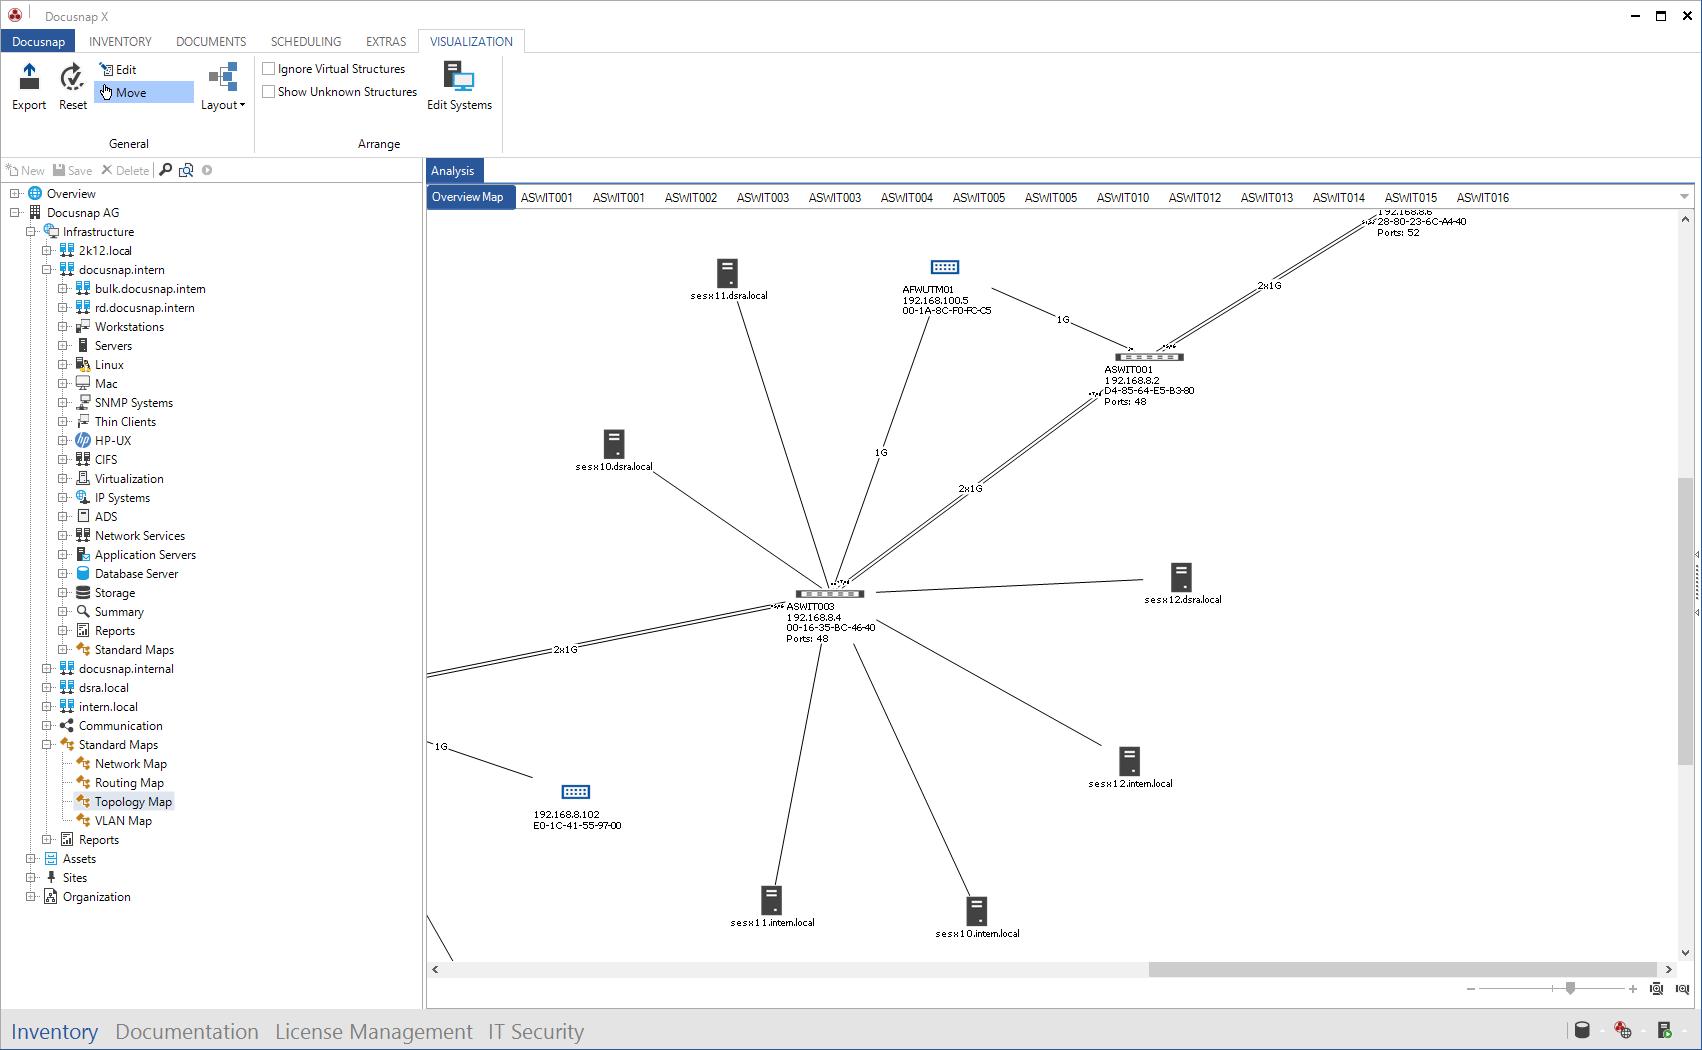 SNMP Topology Plan